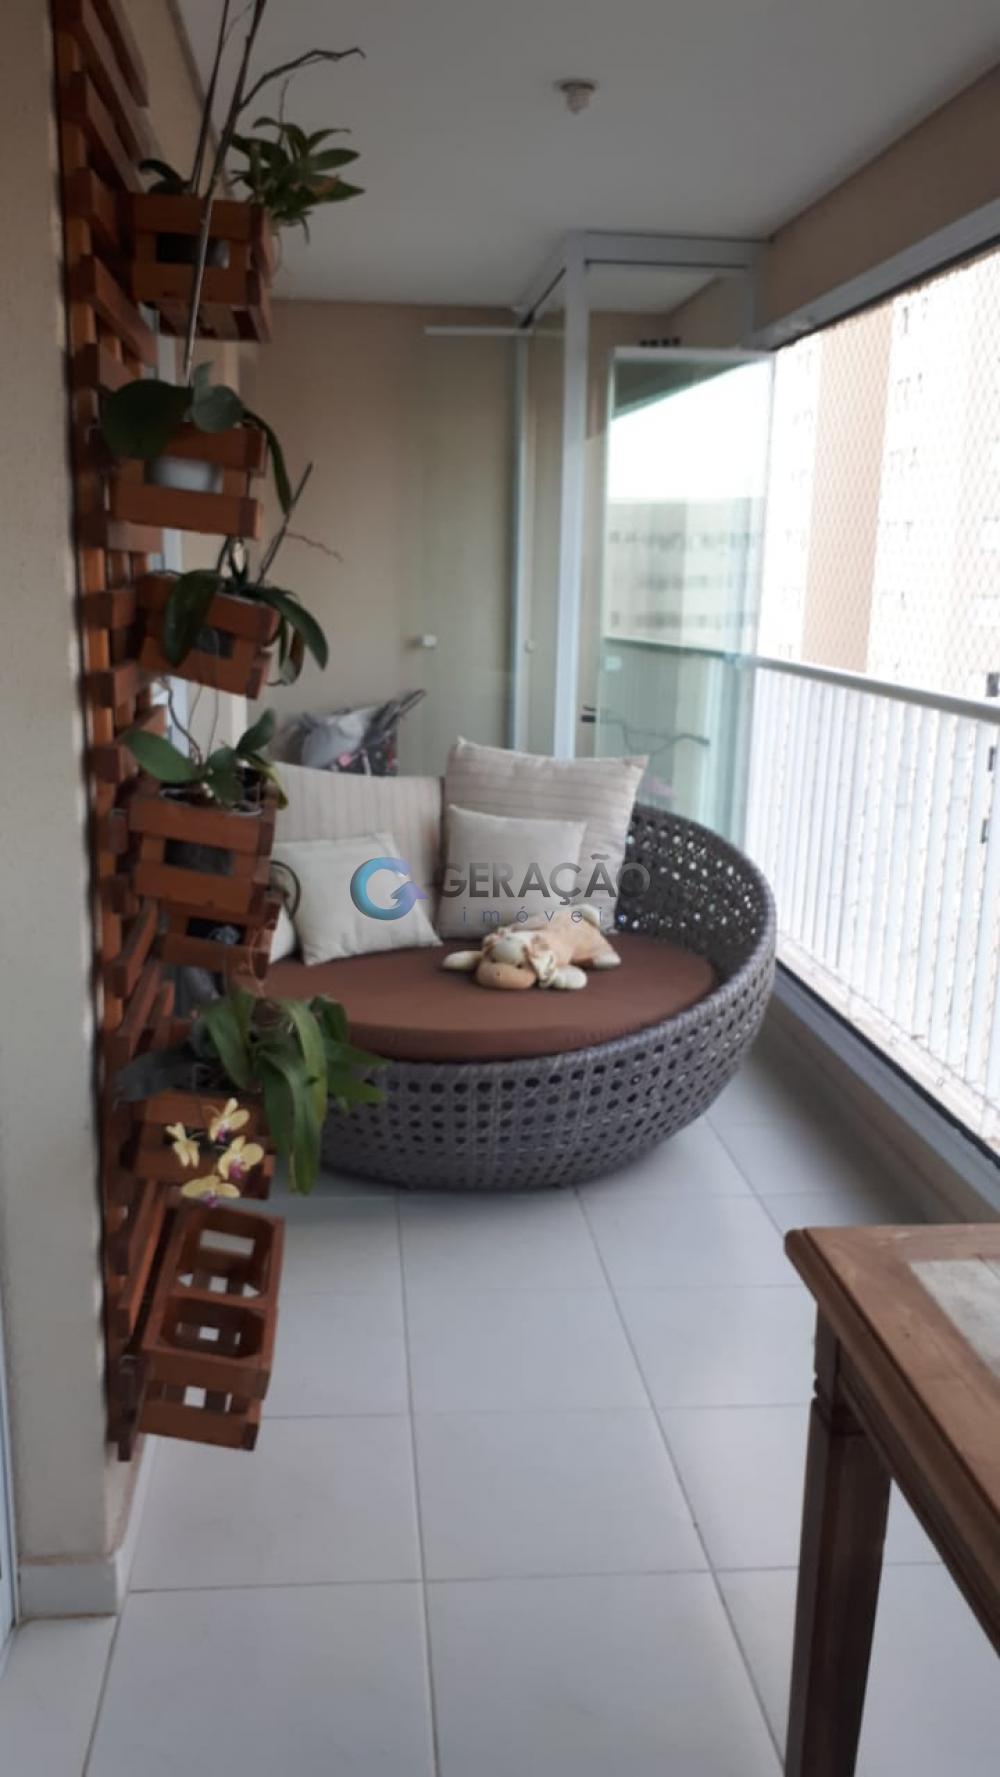 Comprar Apartamento / Padrão em São José dos Campos R$ 780.000,00 - Foto 7